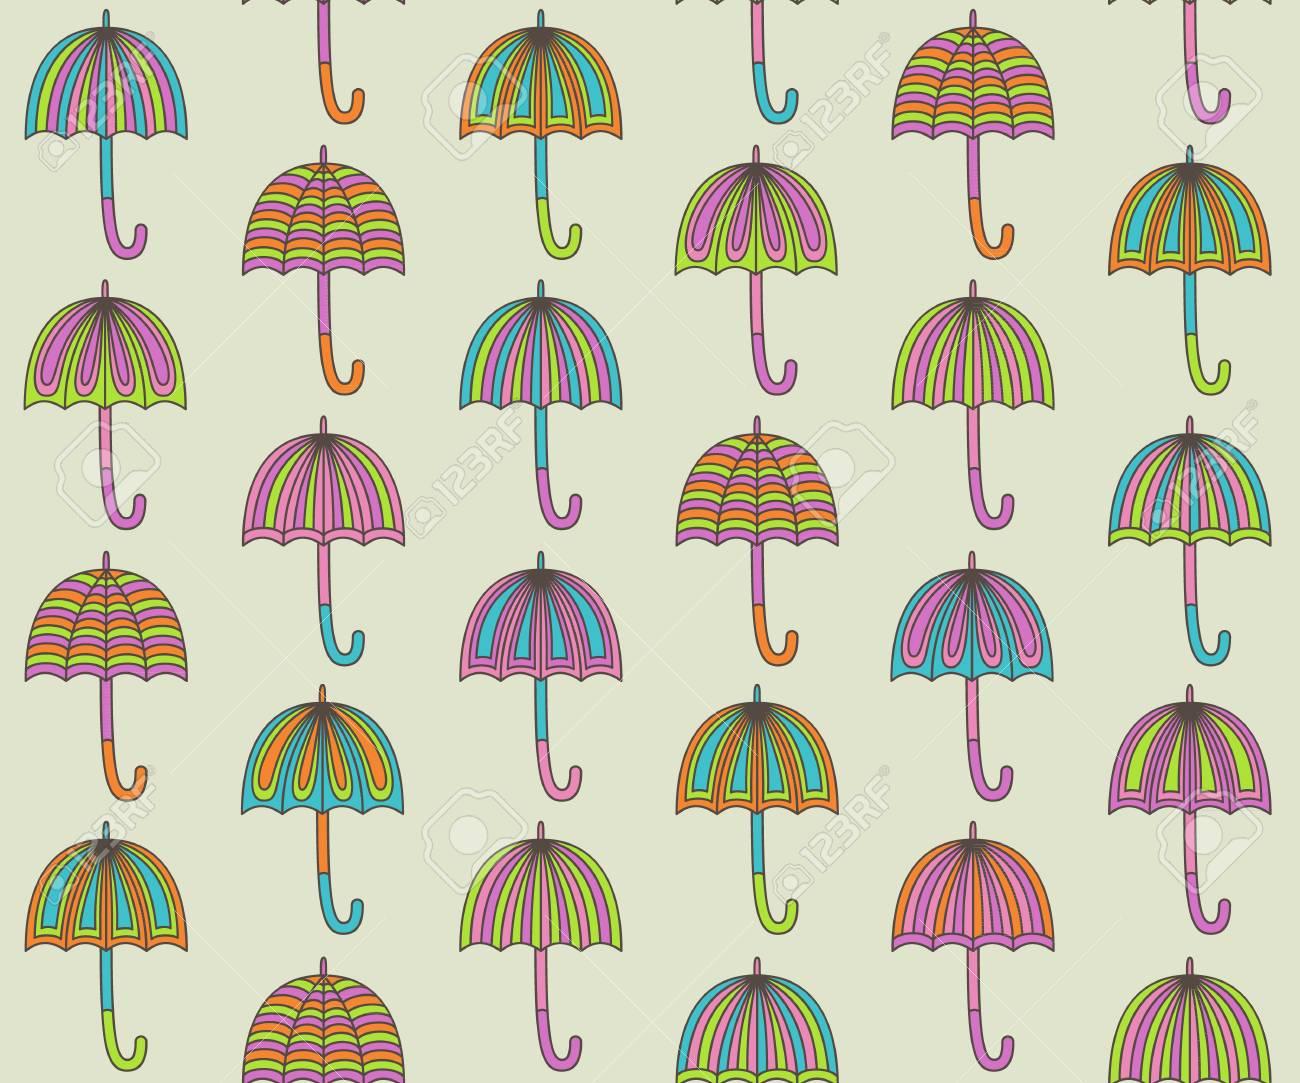 parapluie color seamless banque dimages 24213882 - Parapluie Color